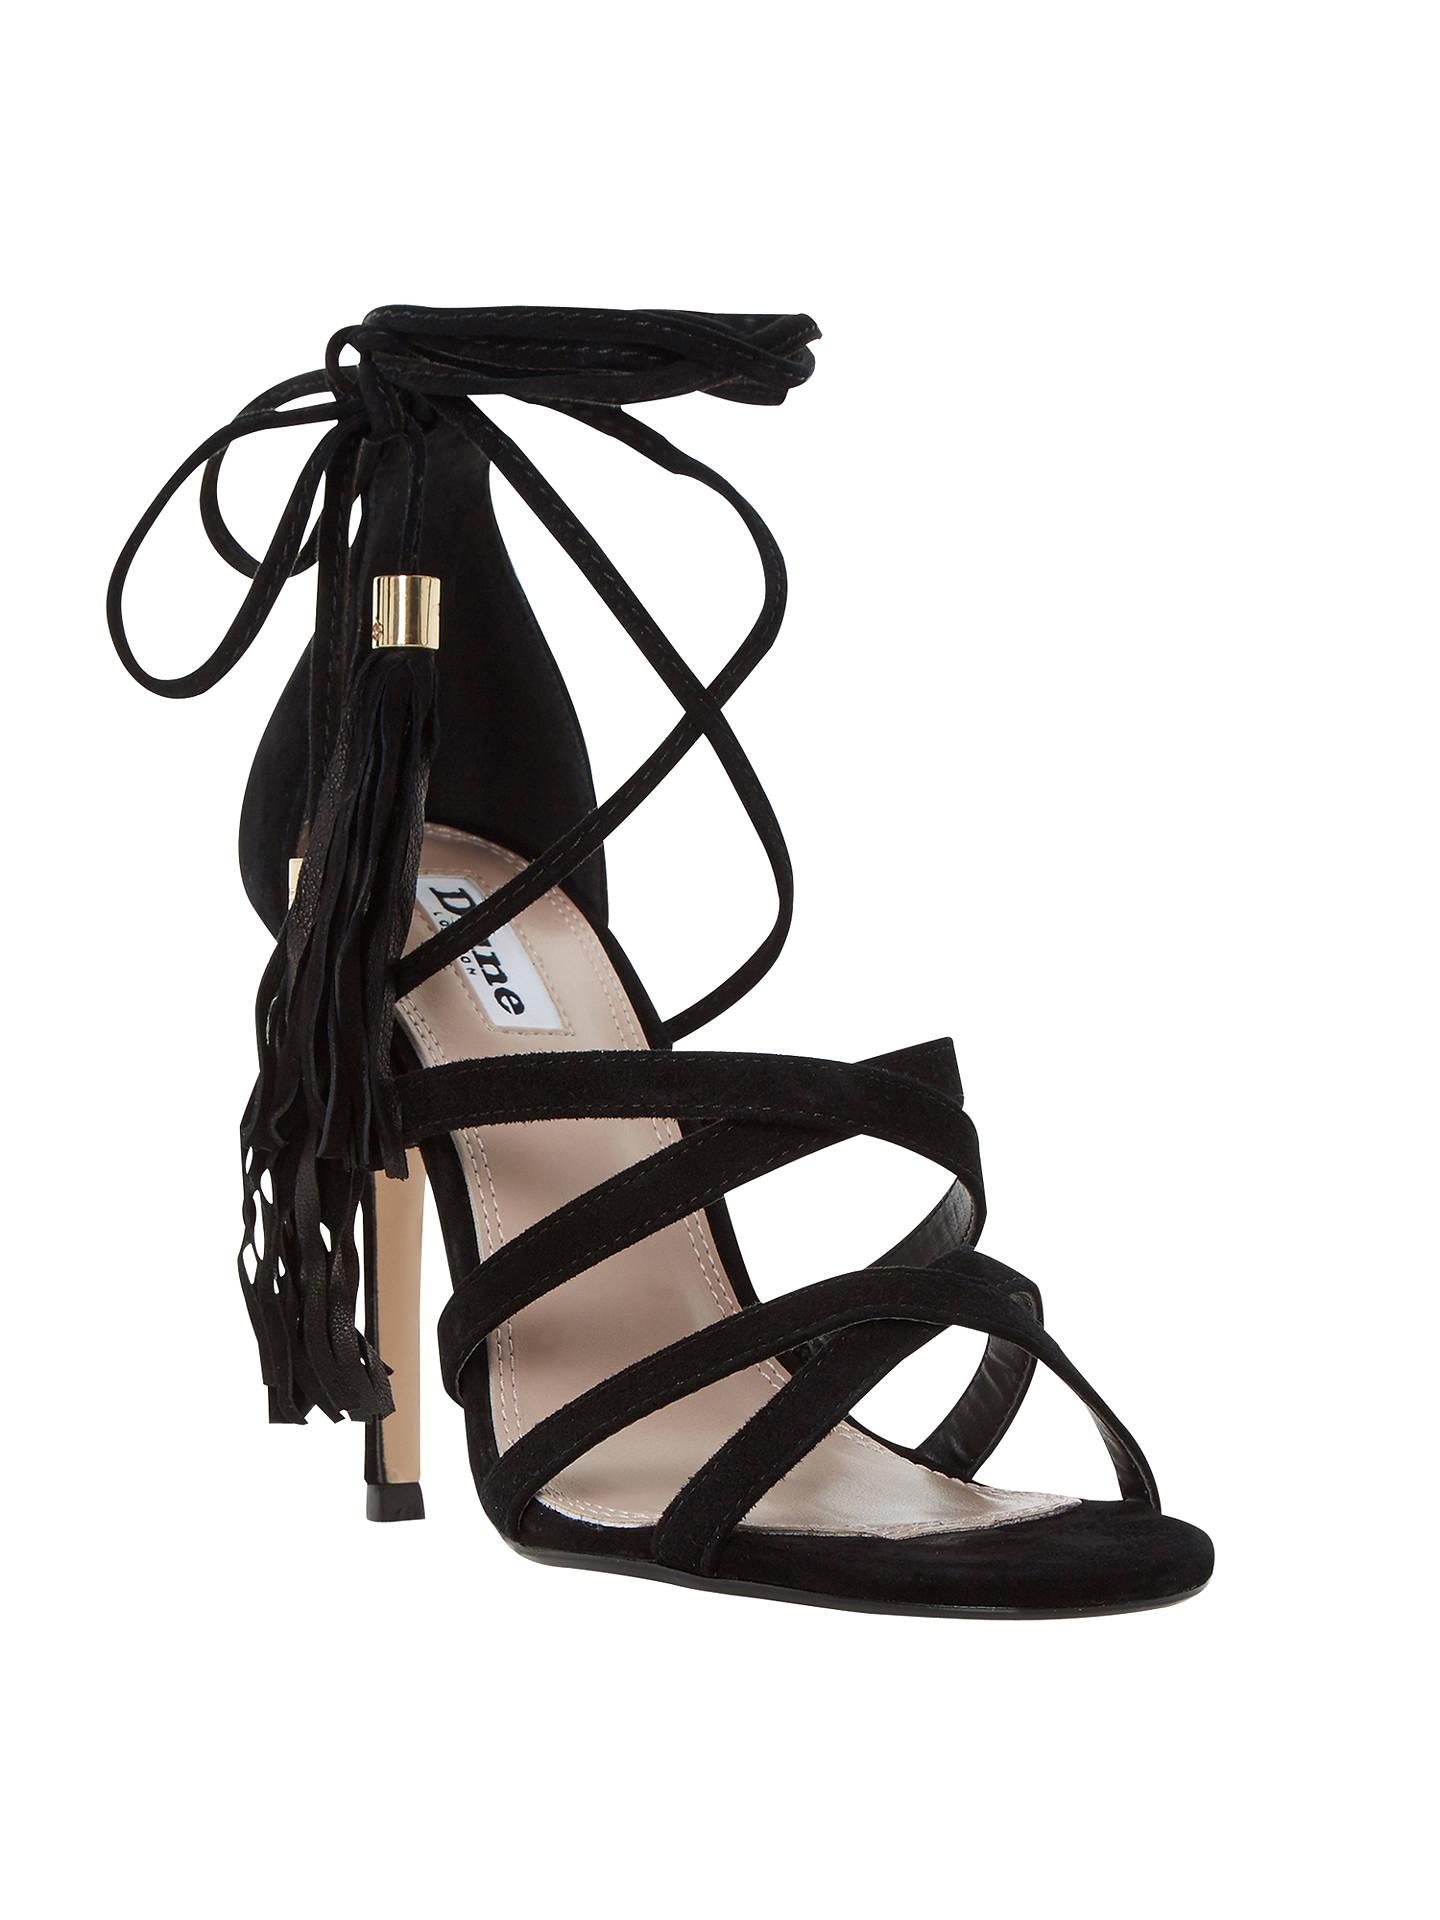 6e457f4fc0e Dune Munroe Multi Strap Stiletto Sandals at John Lewis   Partners